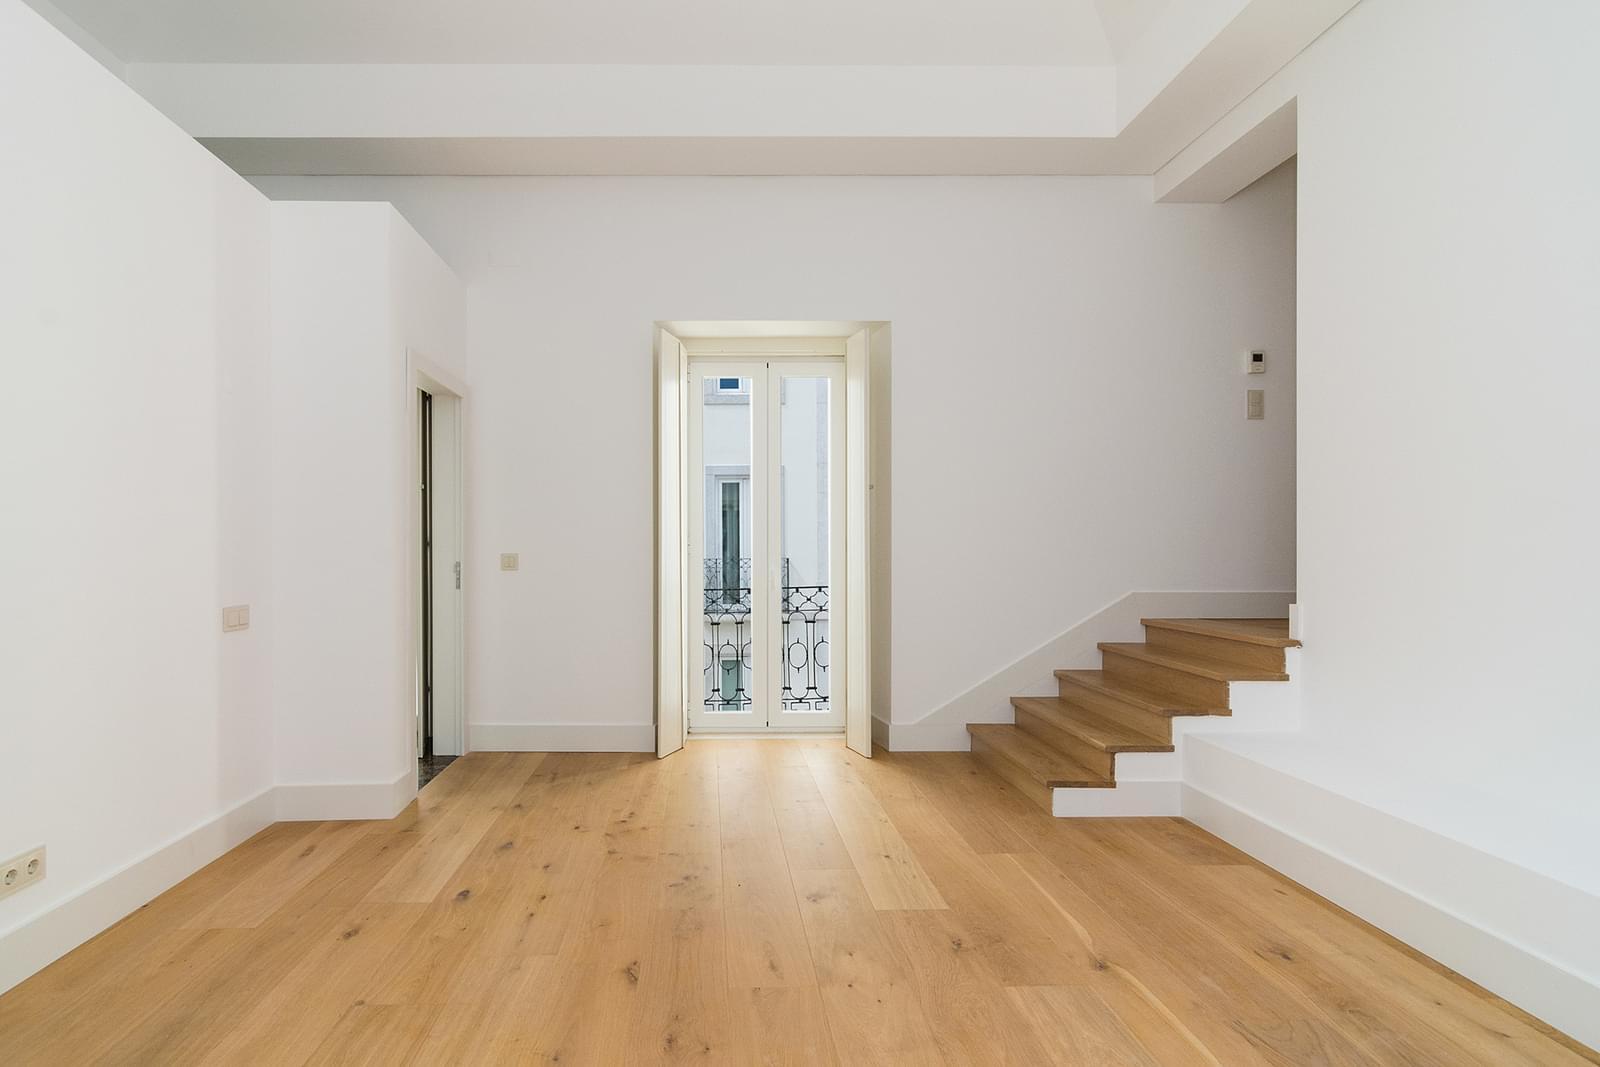 pf16887-apartamento-t5-lisboa-b033fe31-2e0d-48b4-bec4-648ef4da6087